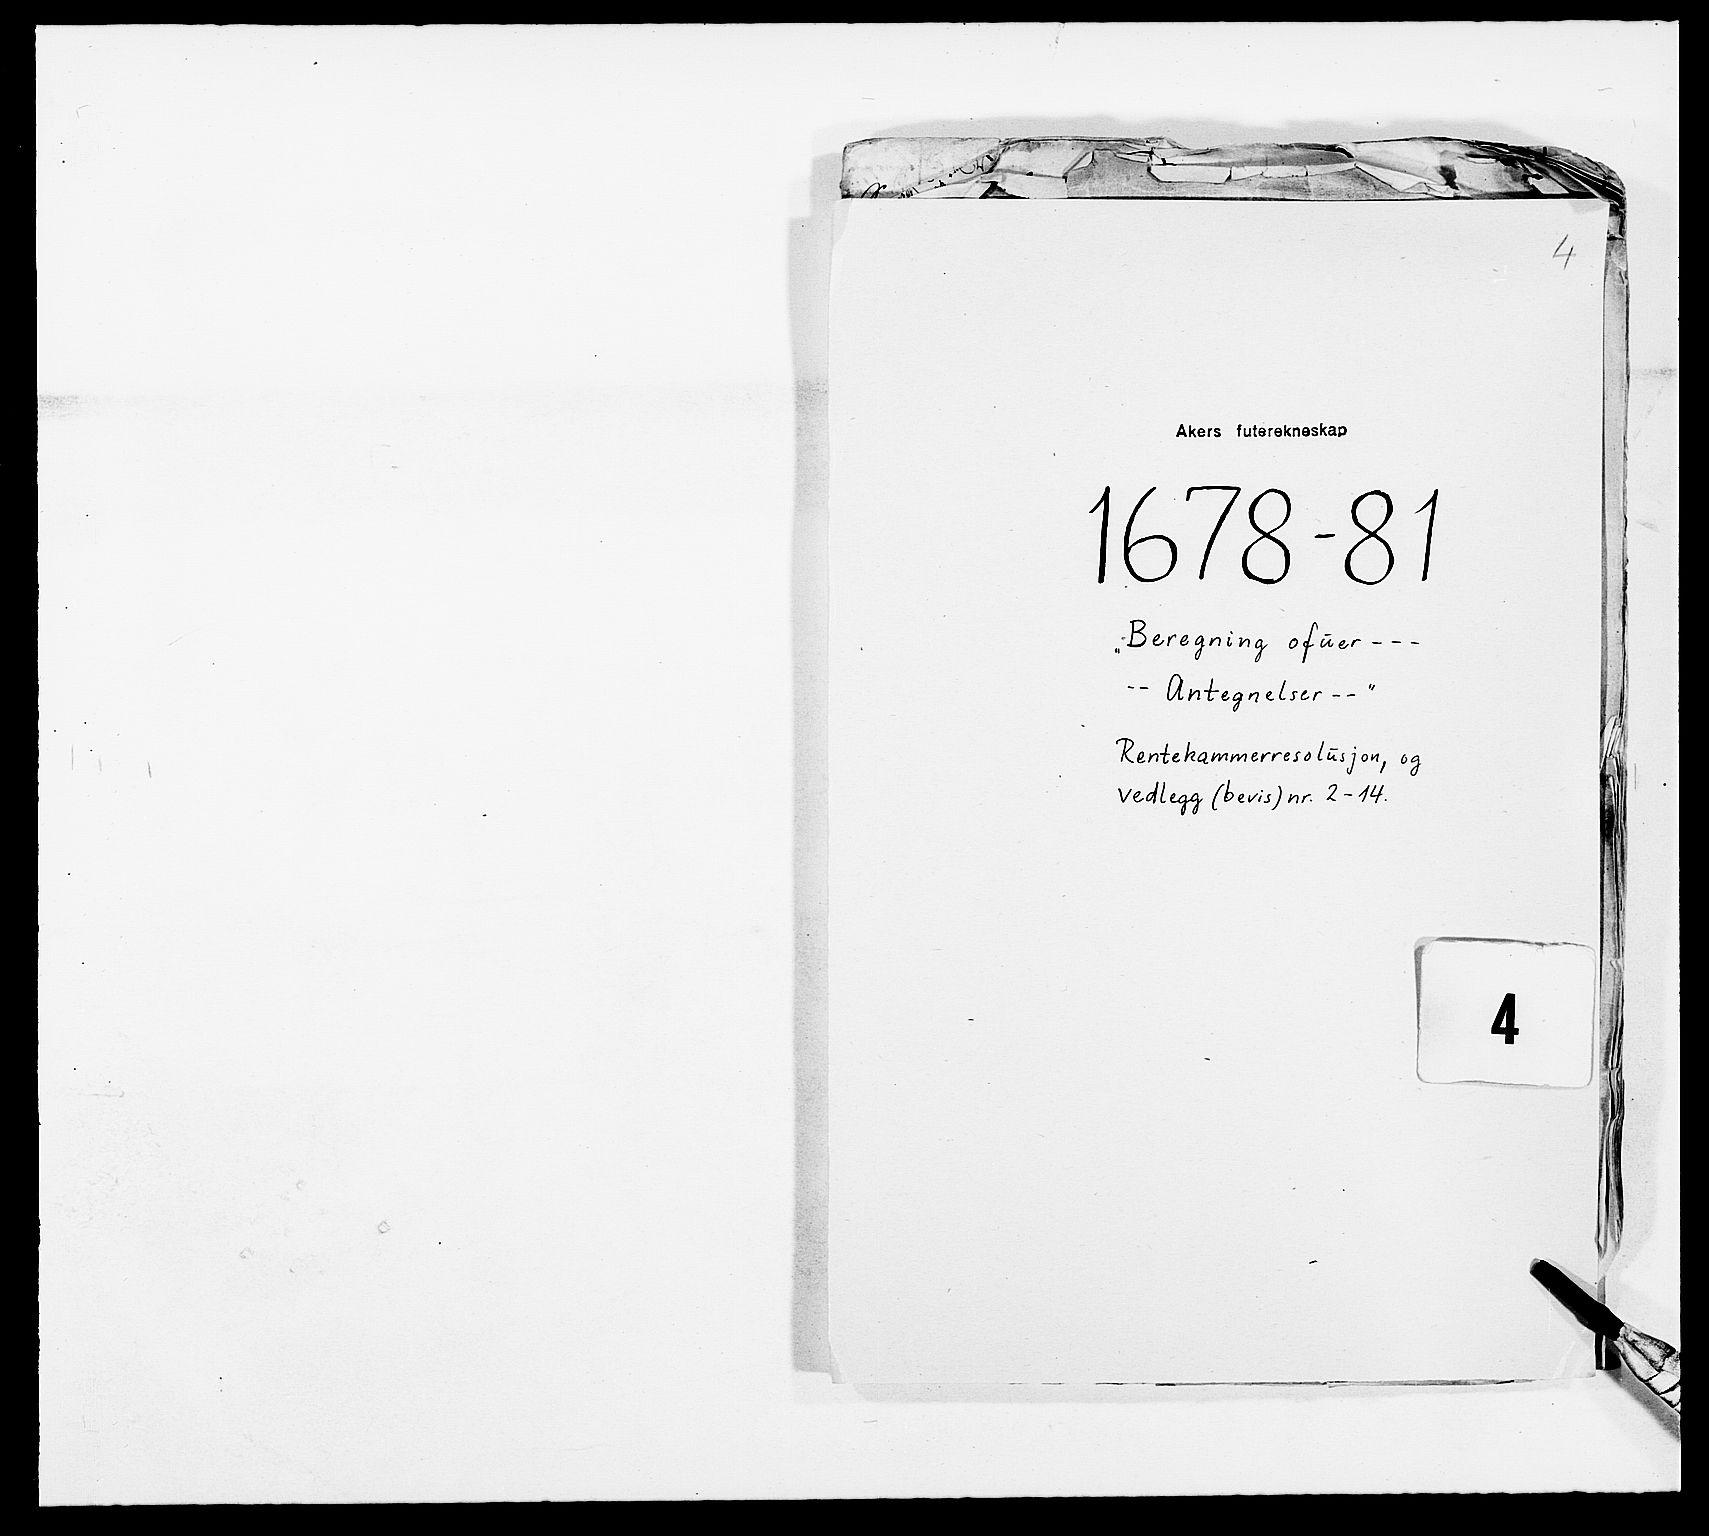 RA, Rentekammeret inntil 1814, Reviderte regnskaper, Fogderegnskap, R08/L0419: Fogderegnskap Aker, 1678-1681, s. 179